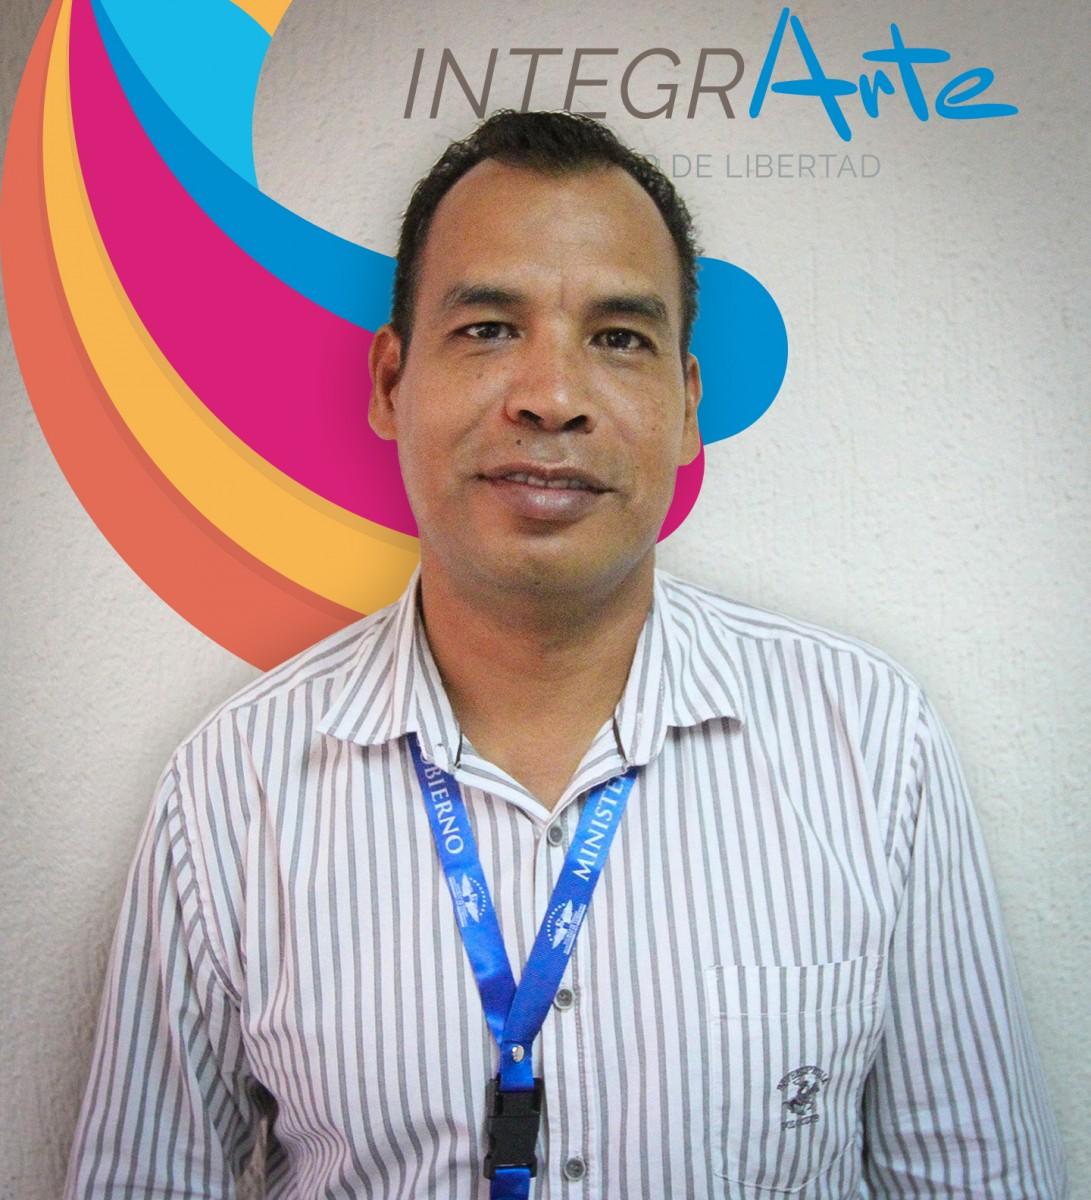 Humberto Melo